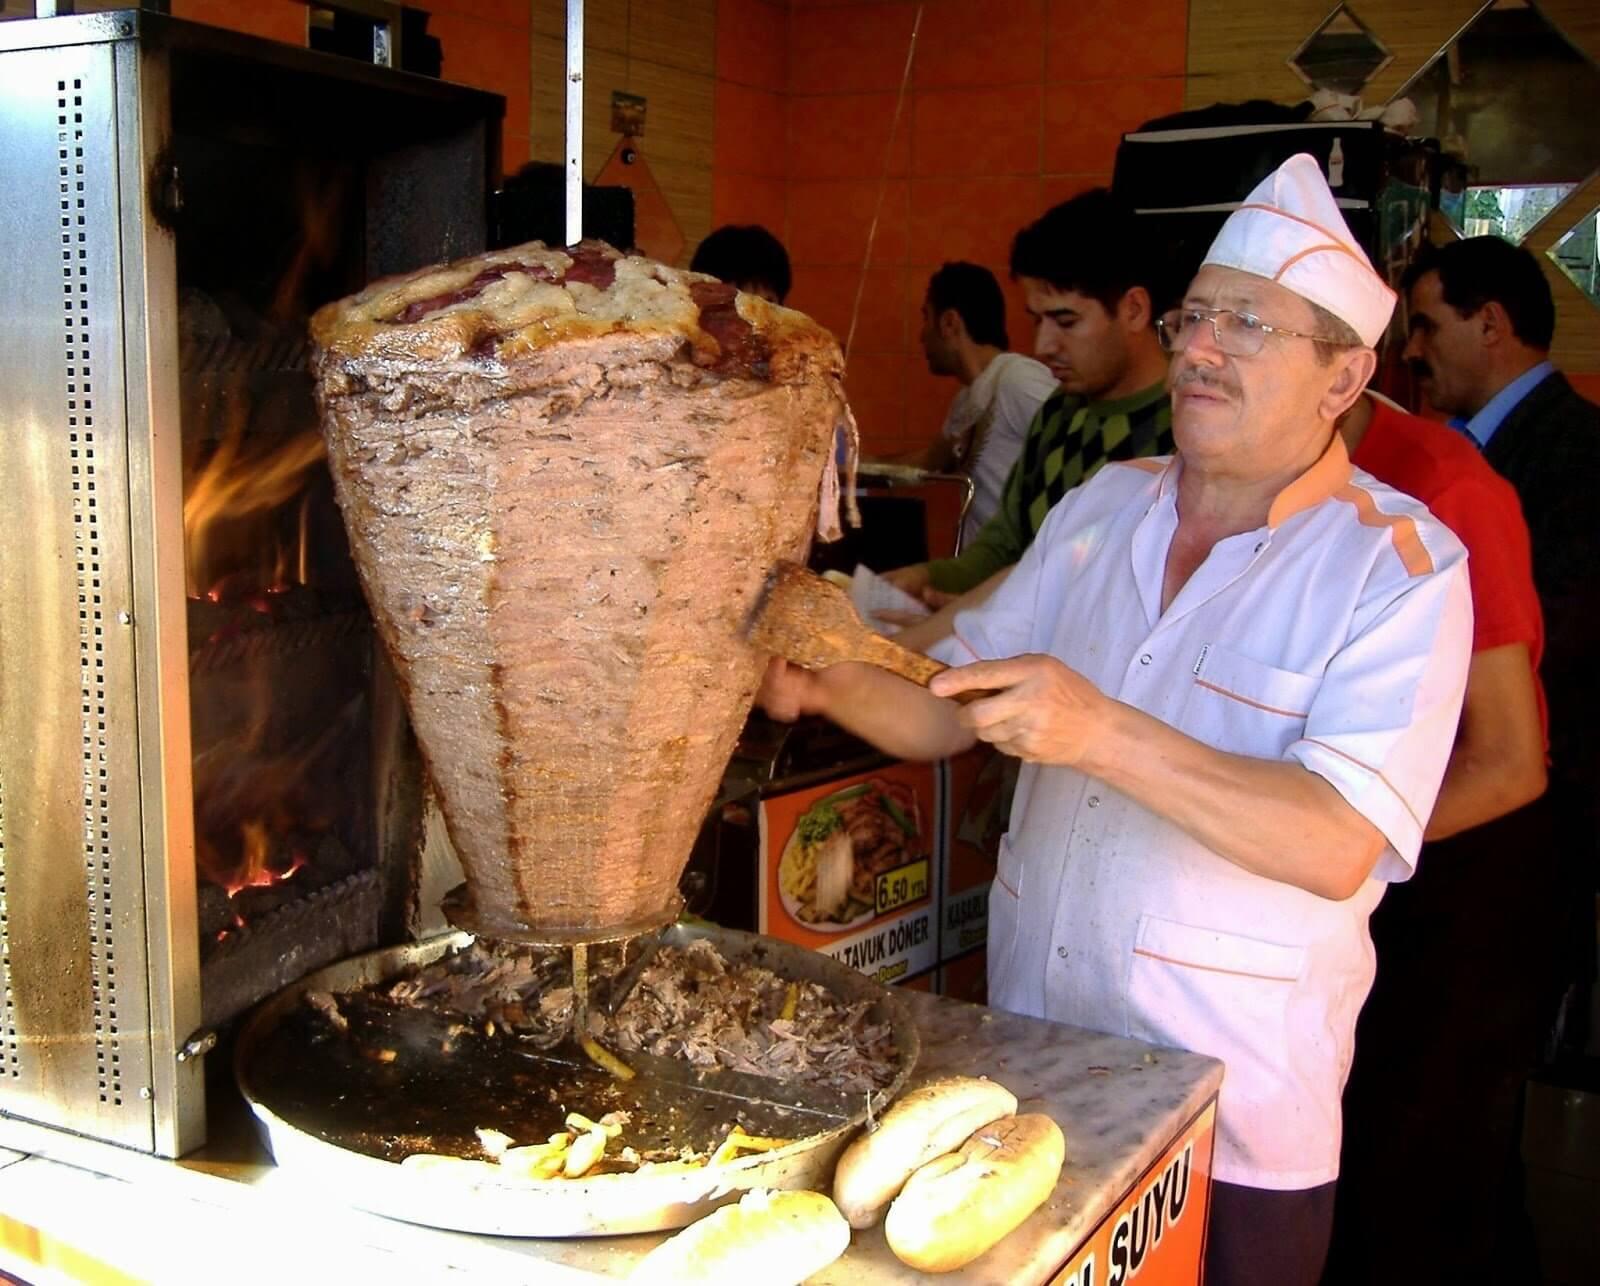 Shawarma - Culinary tour of Dubai